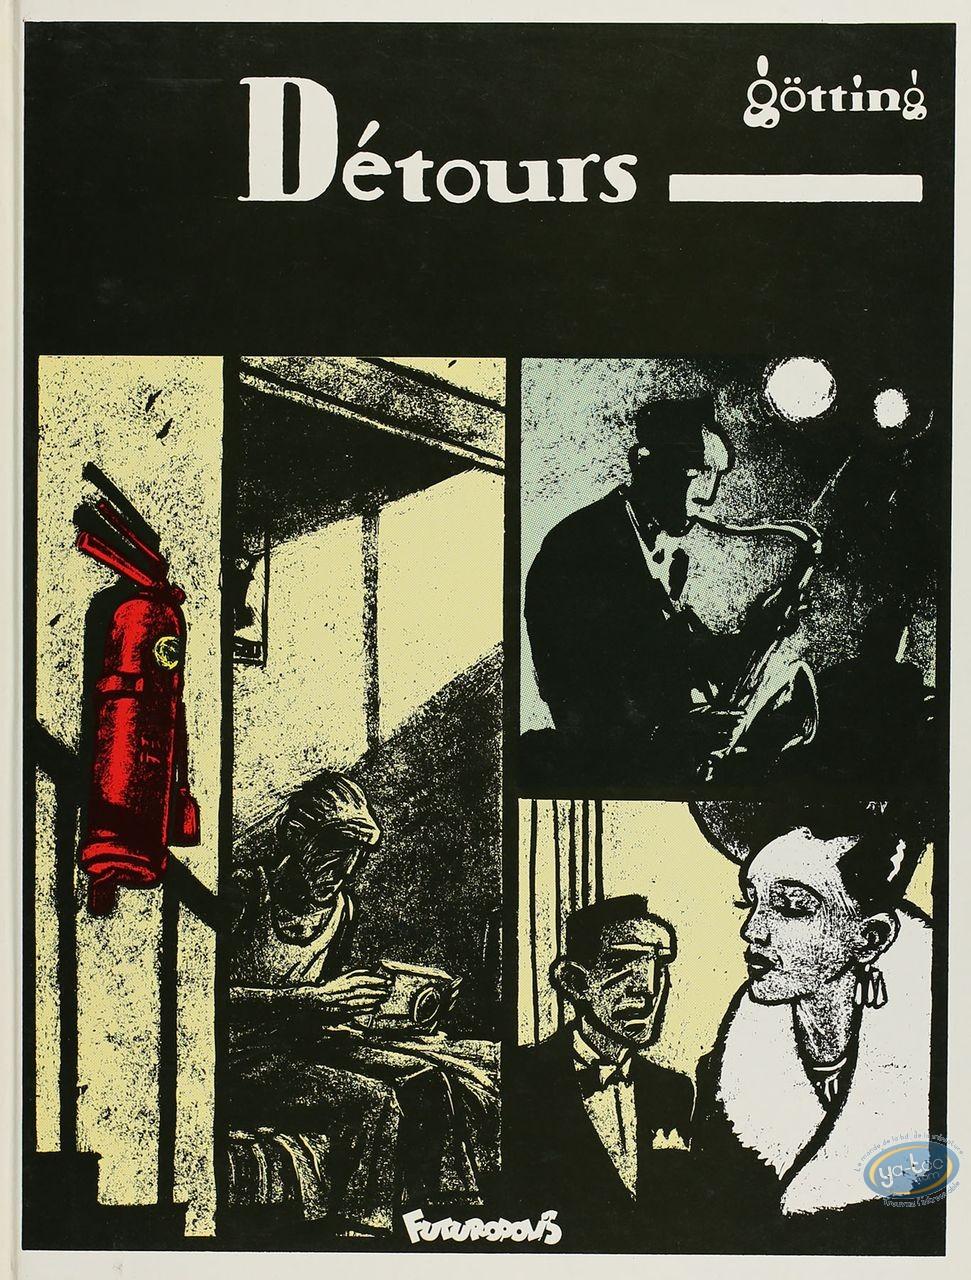 Listed European Comic Books, Détours : Détours